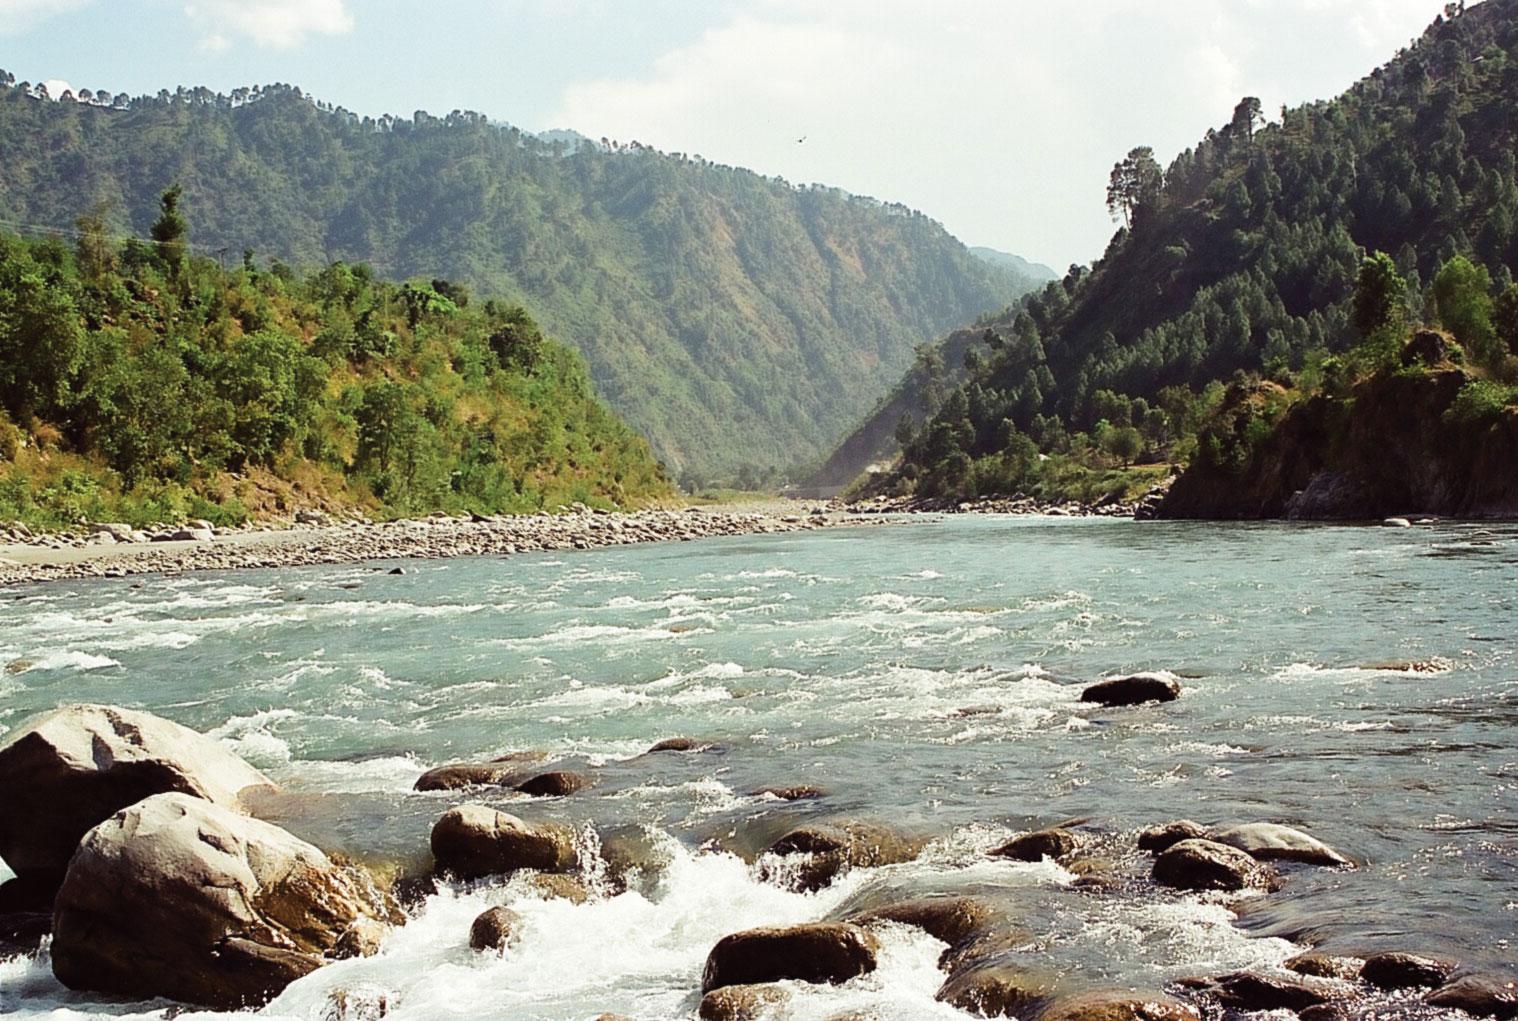 રાવી નદીનાં પ્રવાહમાં રાત્રે 2.45 વાગ્યે પાકિસ્તાનથી જે આવ્યું તેને જોઇને BSF પણ ચોંકી ગઈ... 67